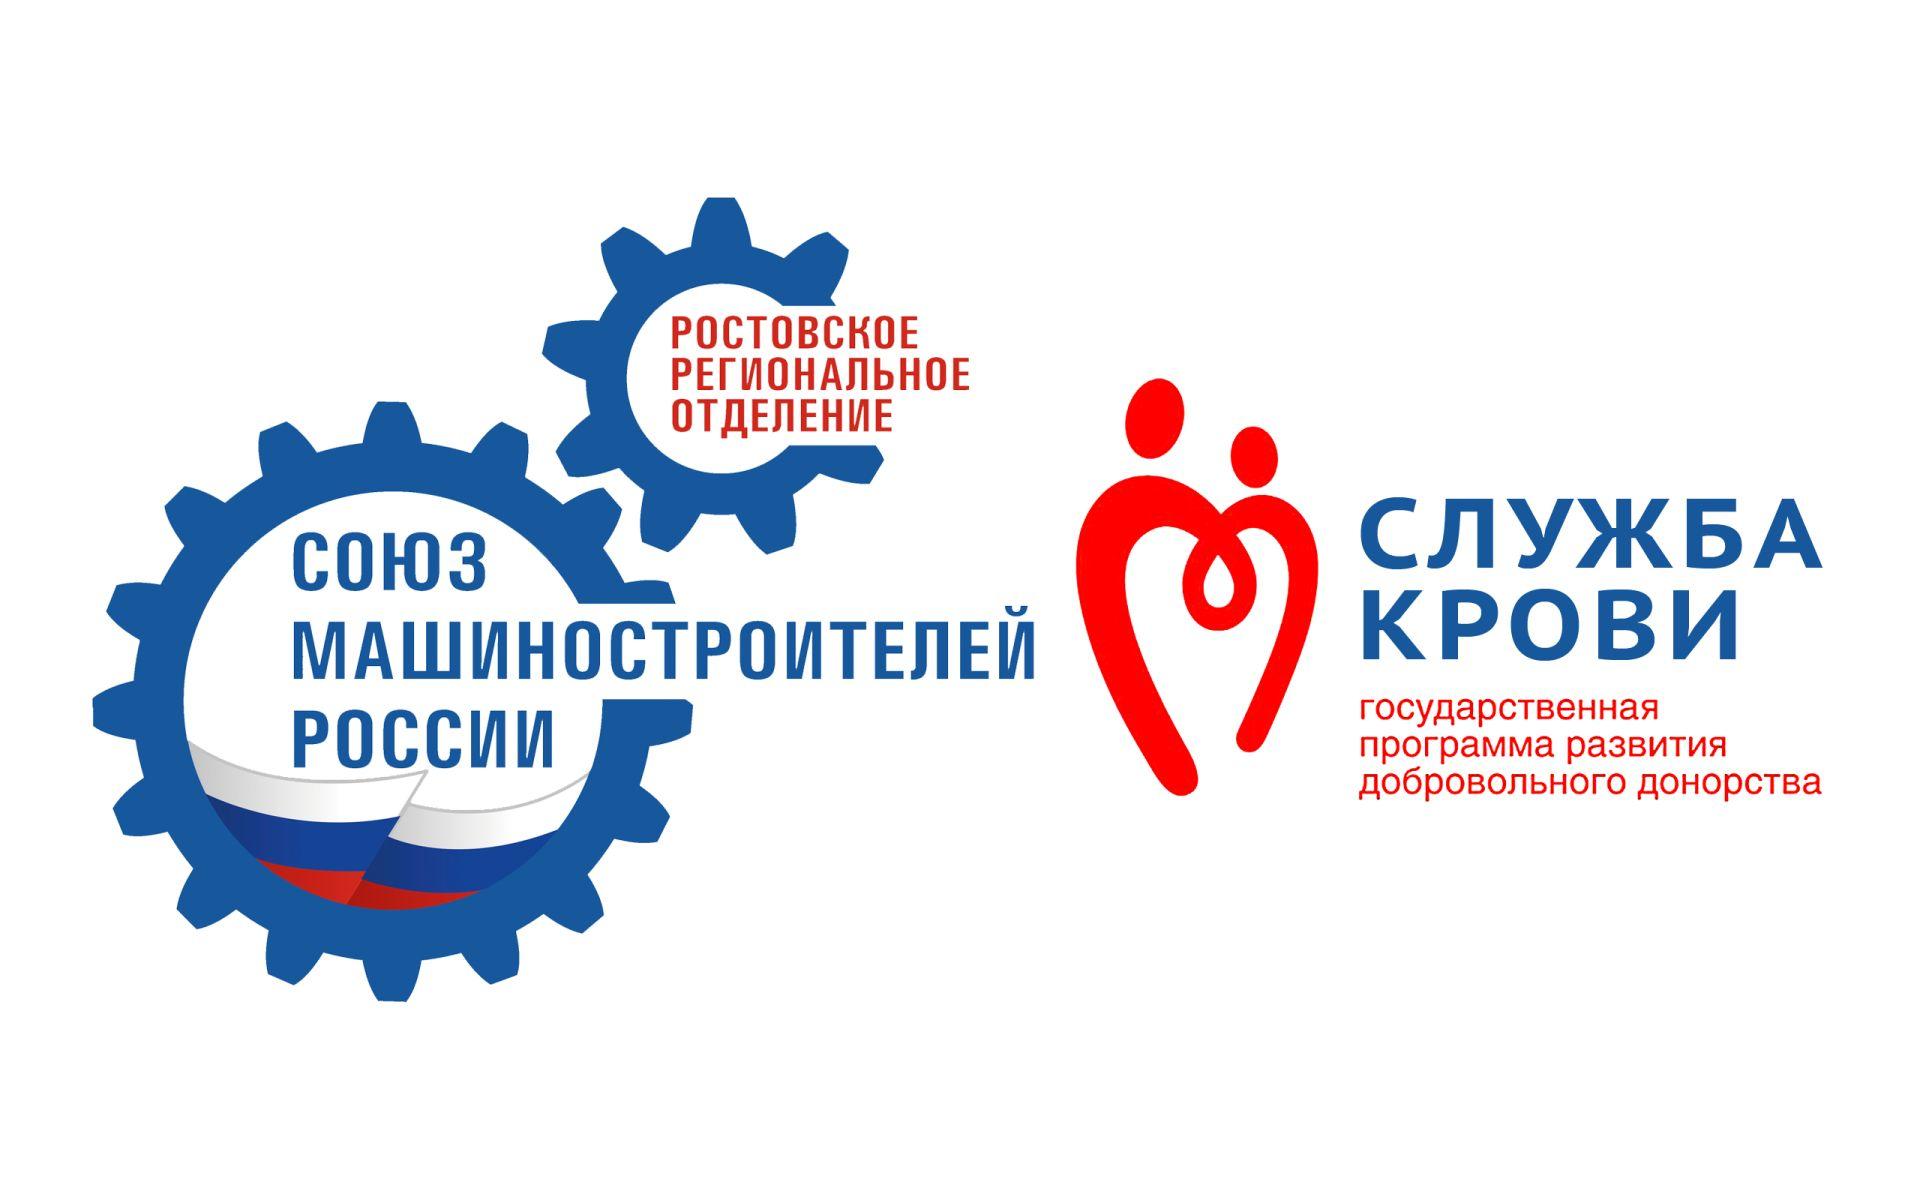 В Ростове-на-Дону пройдёт донорская суббота